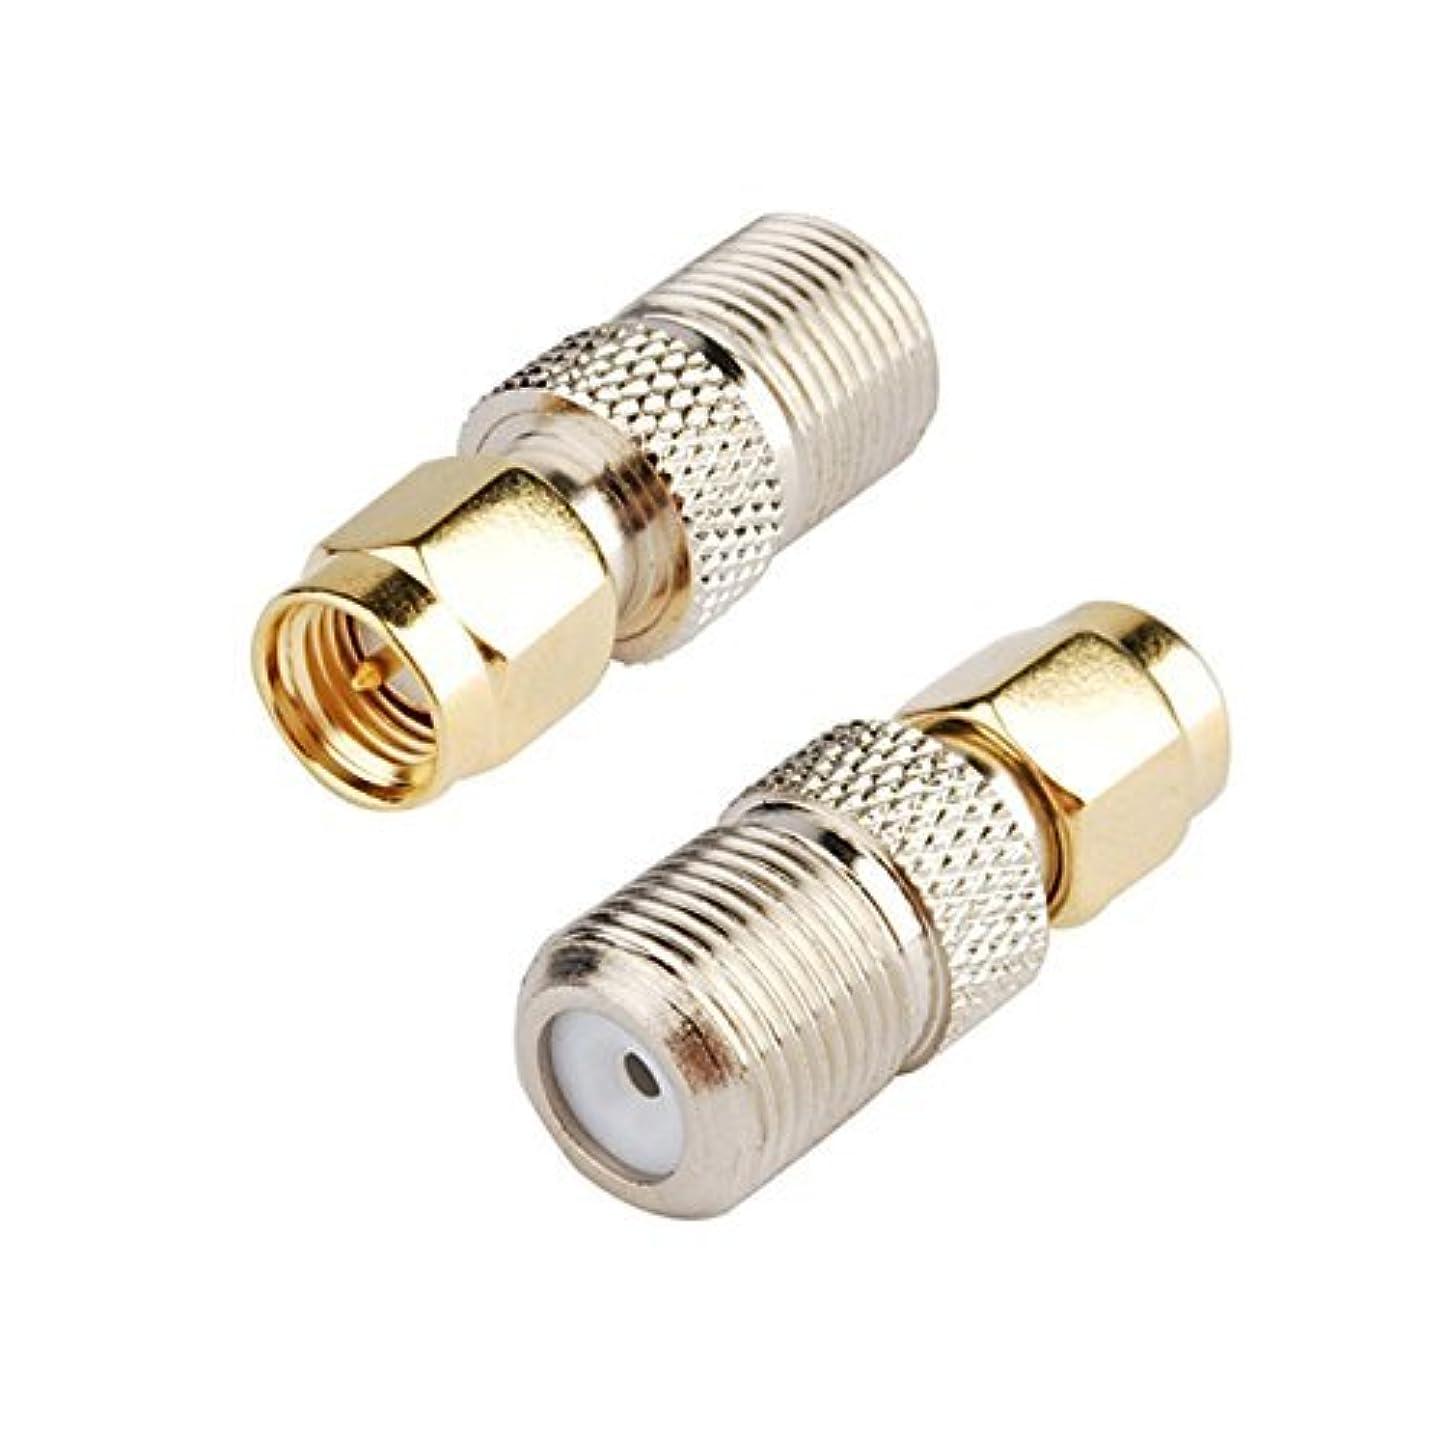 きゅうり世辞スプーン2pcs DHT Electronics RF coaxial coax adapter SMA male to F female [並行輸入品]